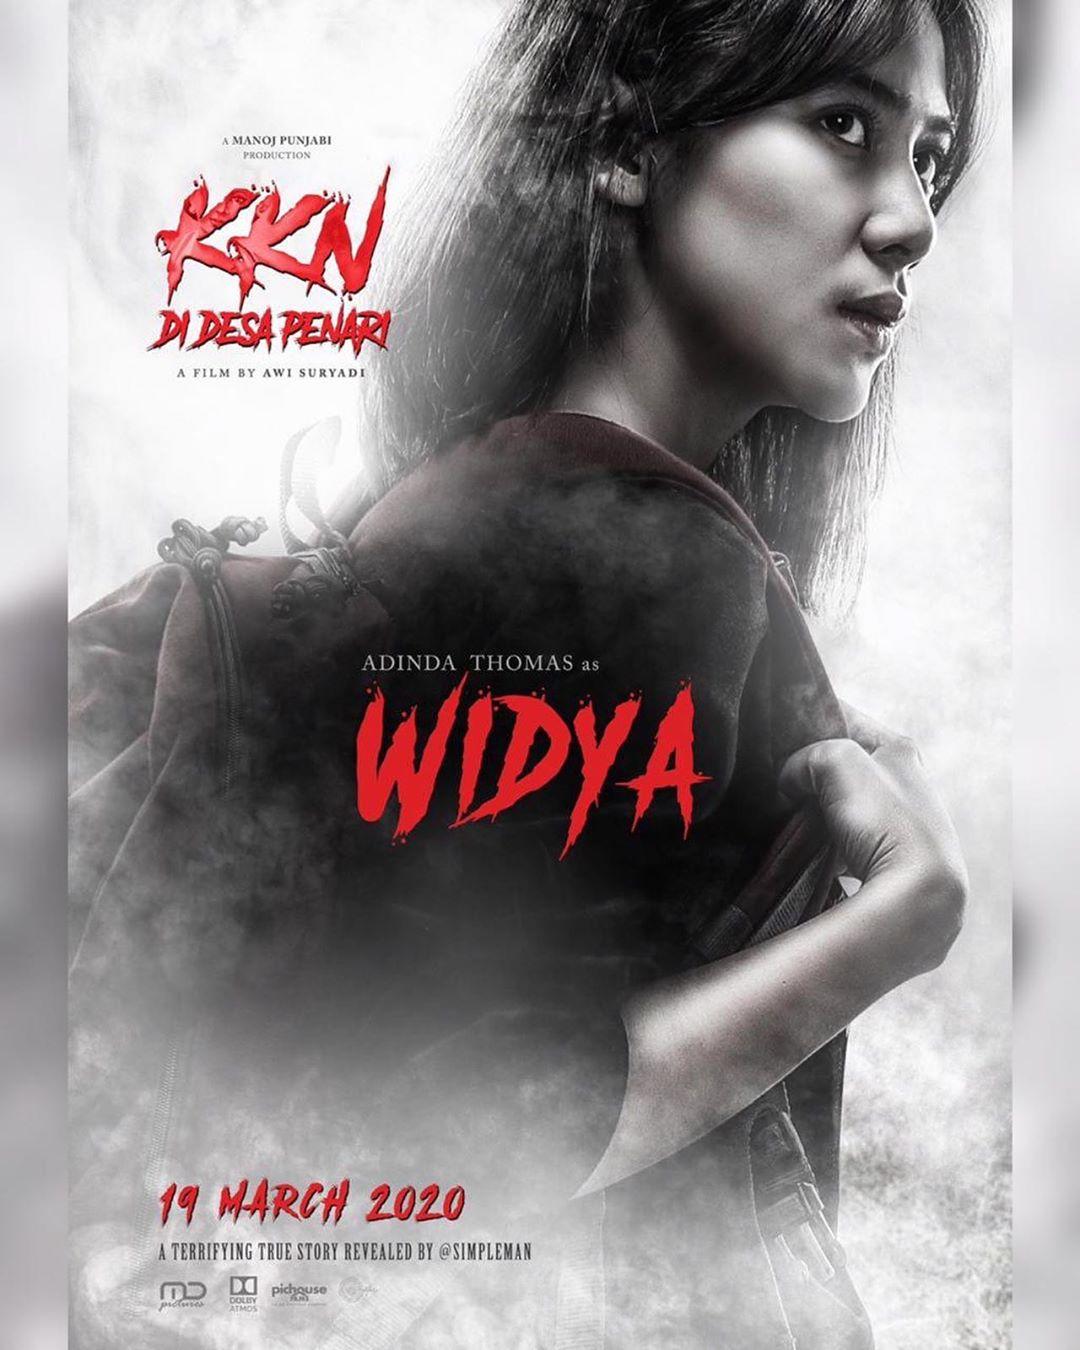 Adinda Thomas Sebagai Widya di Film KKN di Desa Penari